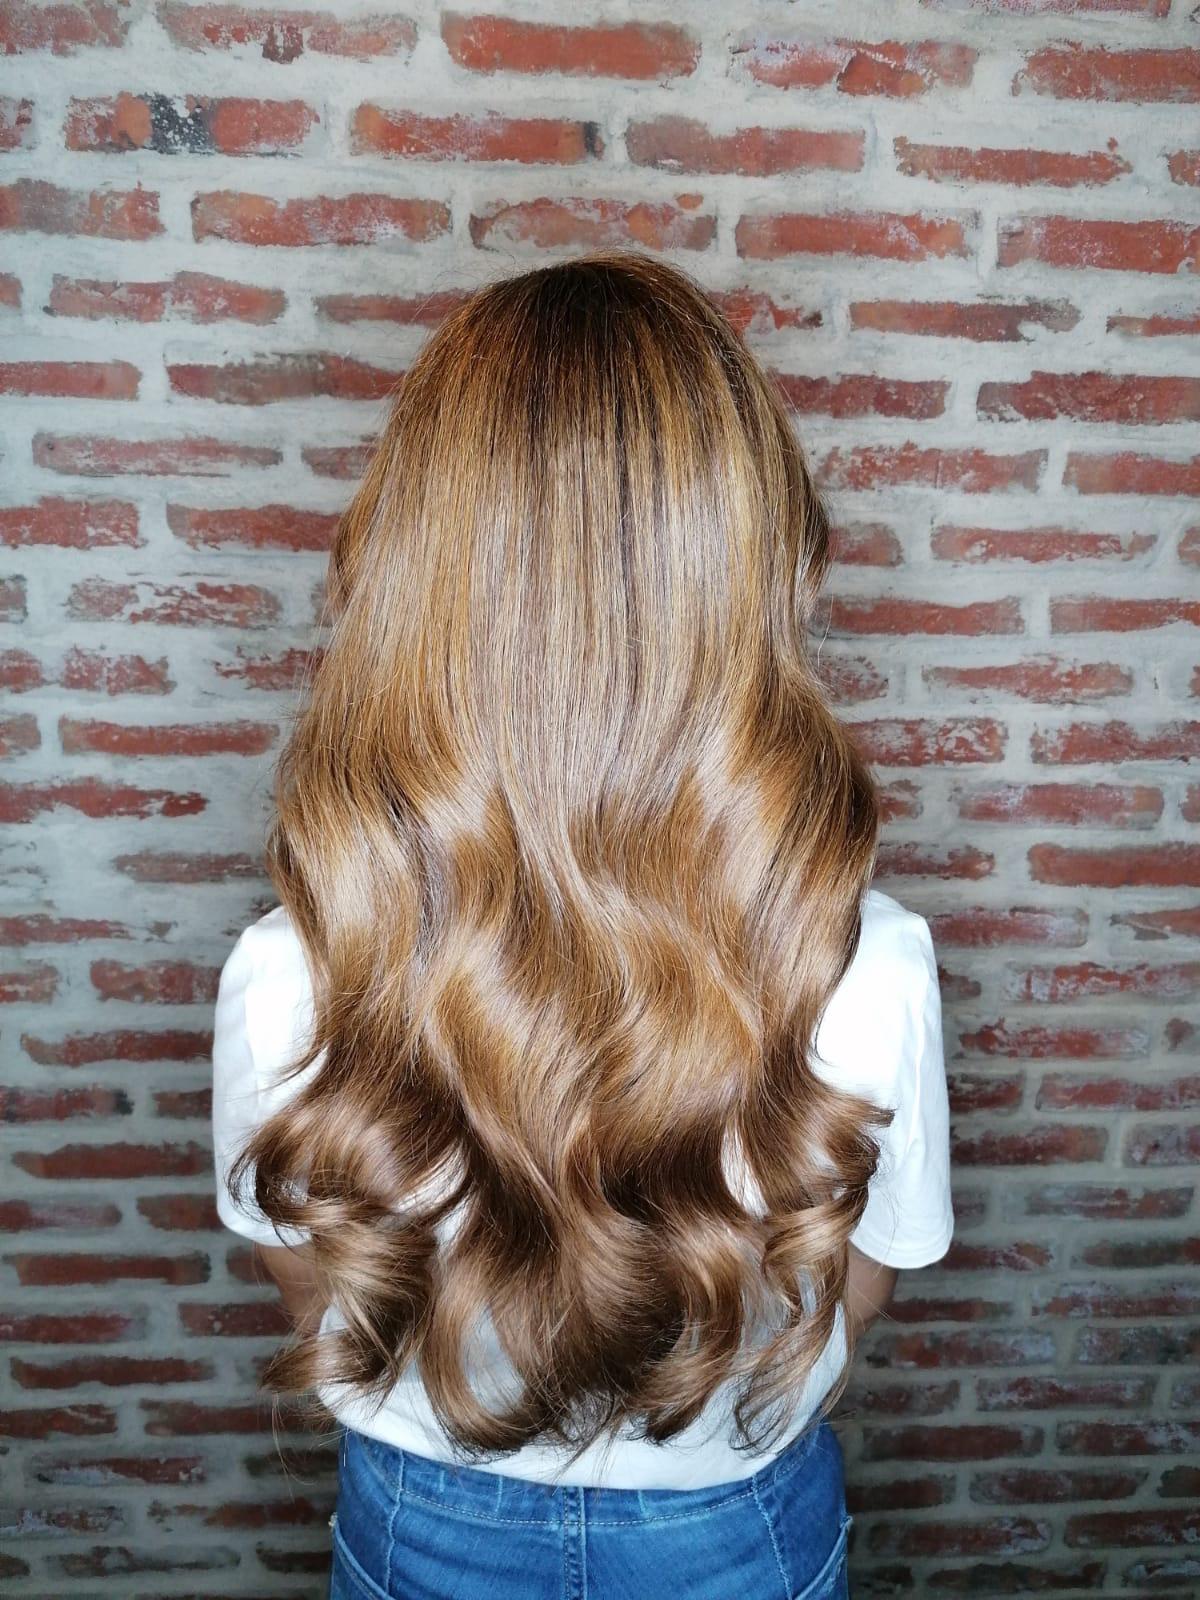 De beste hairextensions van Hairloxx Professional bij Beauty by Roos